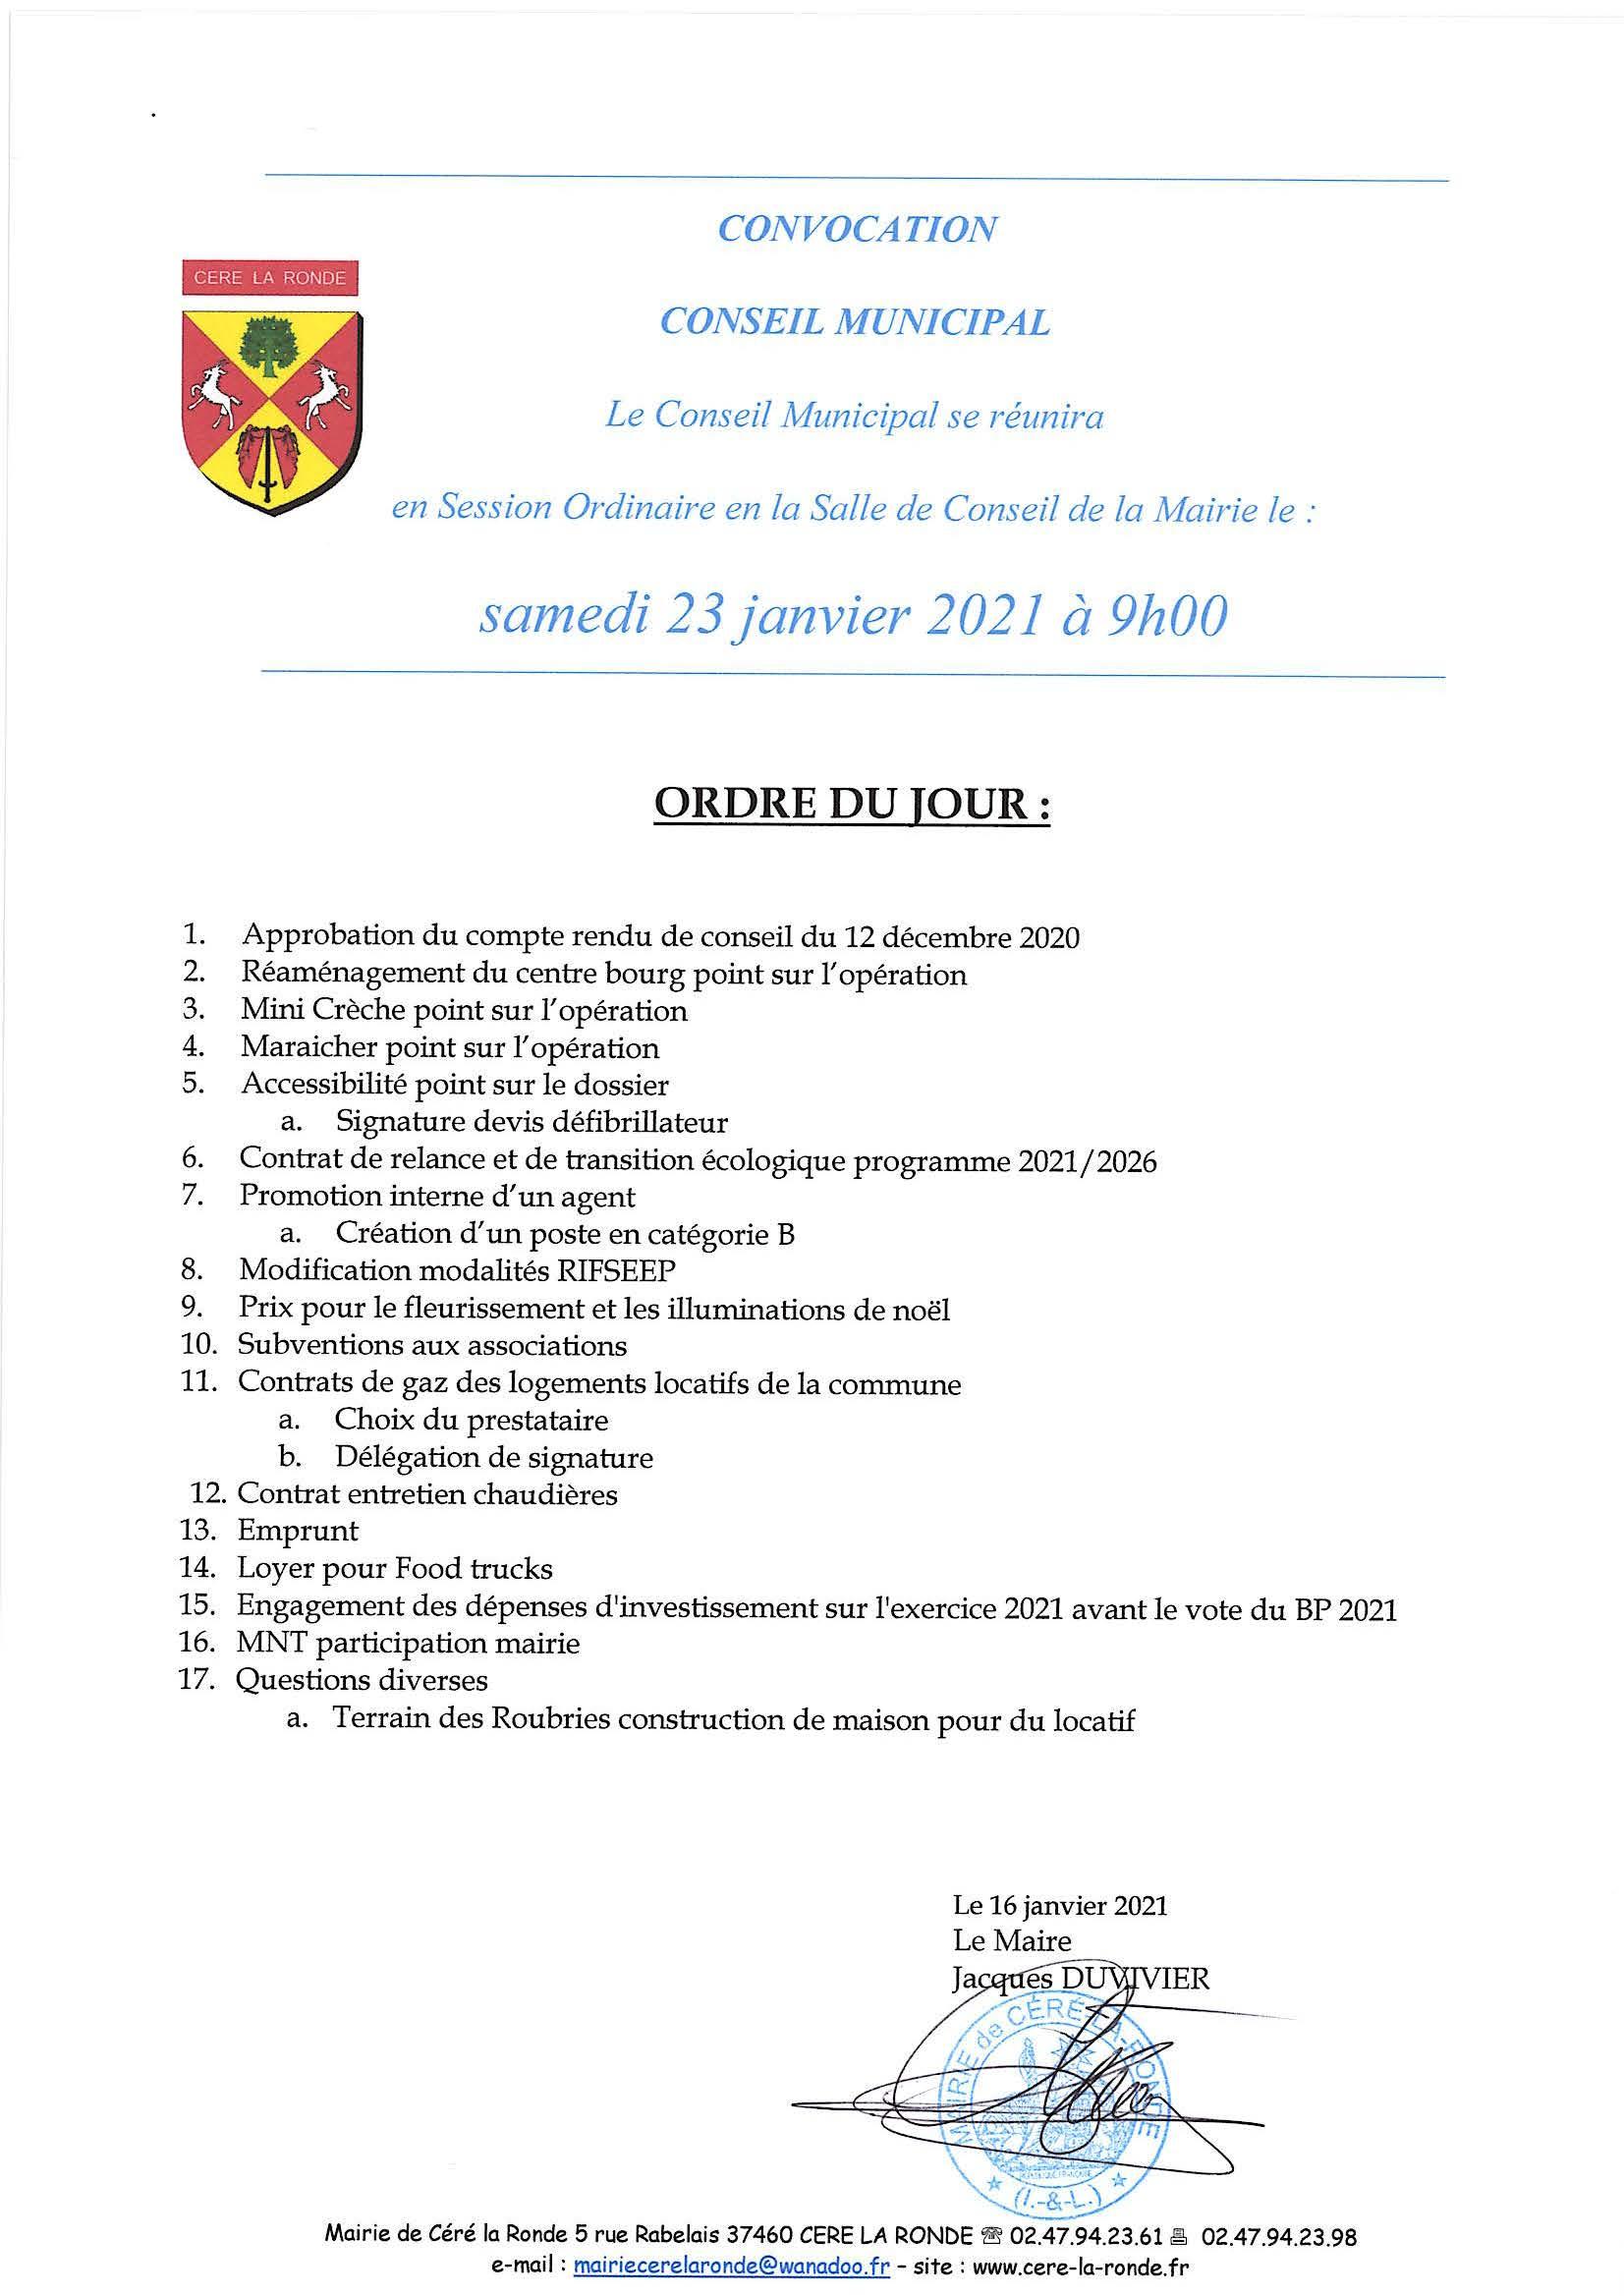 Convocation du Conseil Municipal du 23 janvier 2021